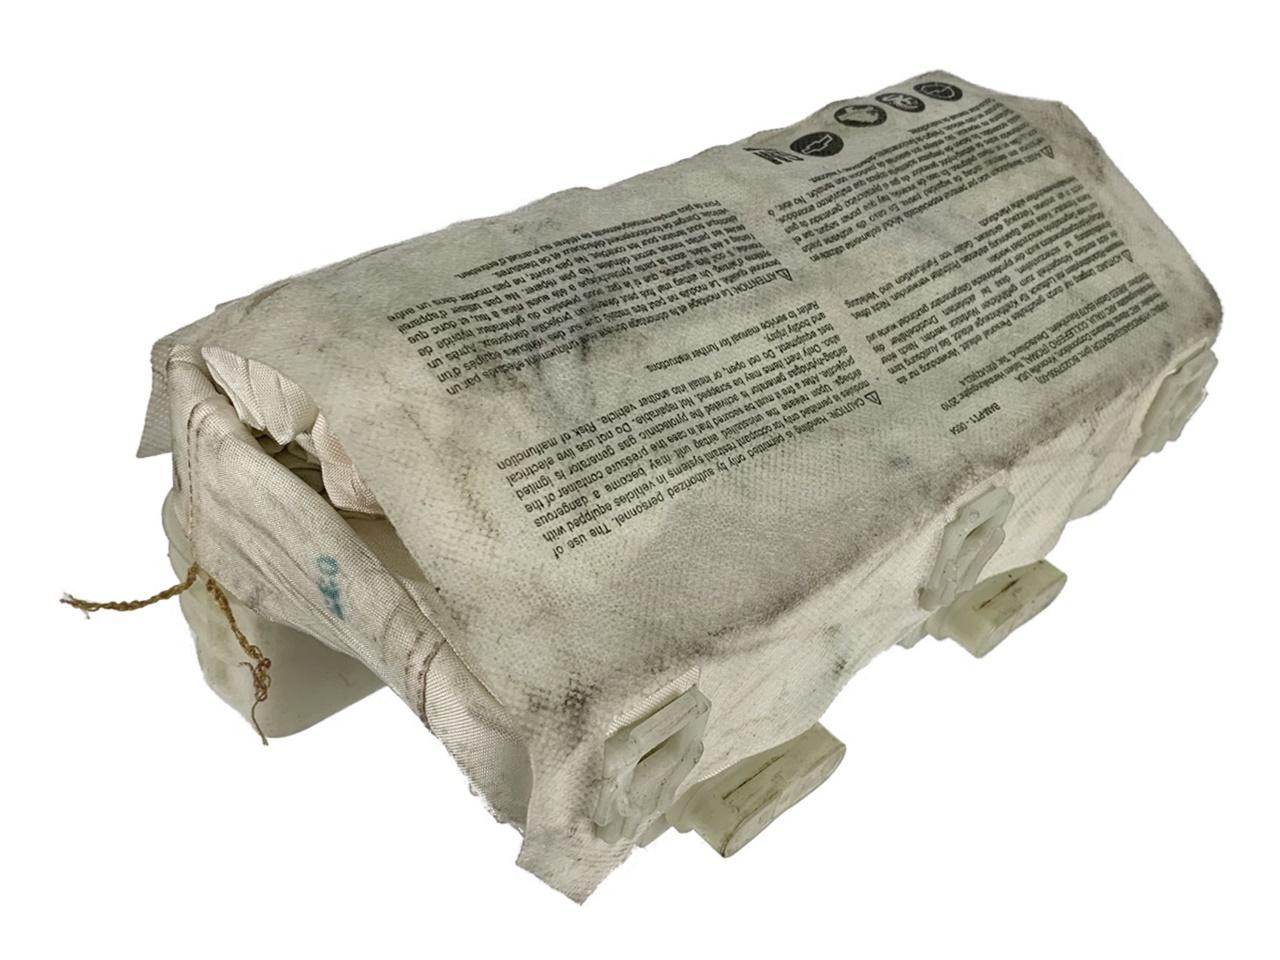 Bolsa Inflável Air Bag do Painel Direito Passageiro 13168095 Gm Vectra 06 07 08 09 010 011 012